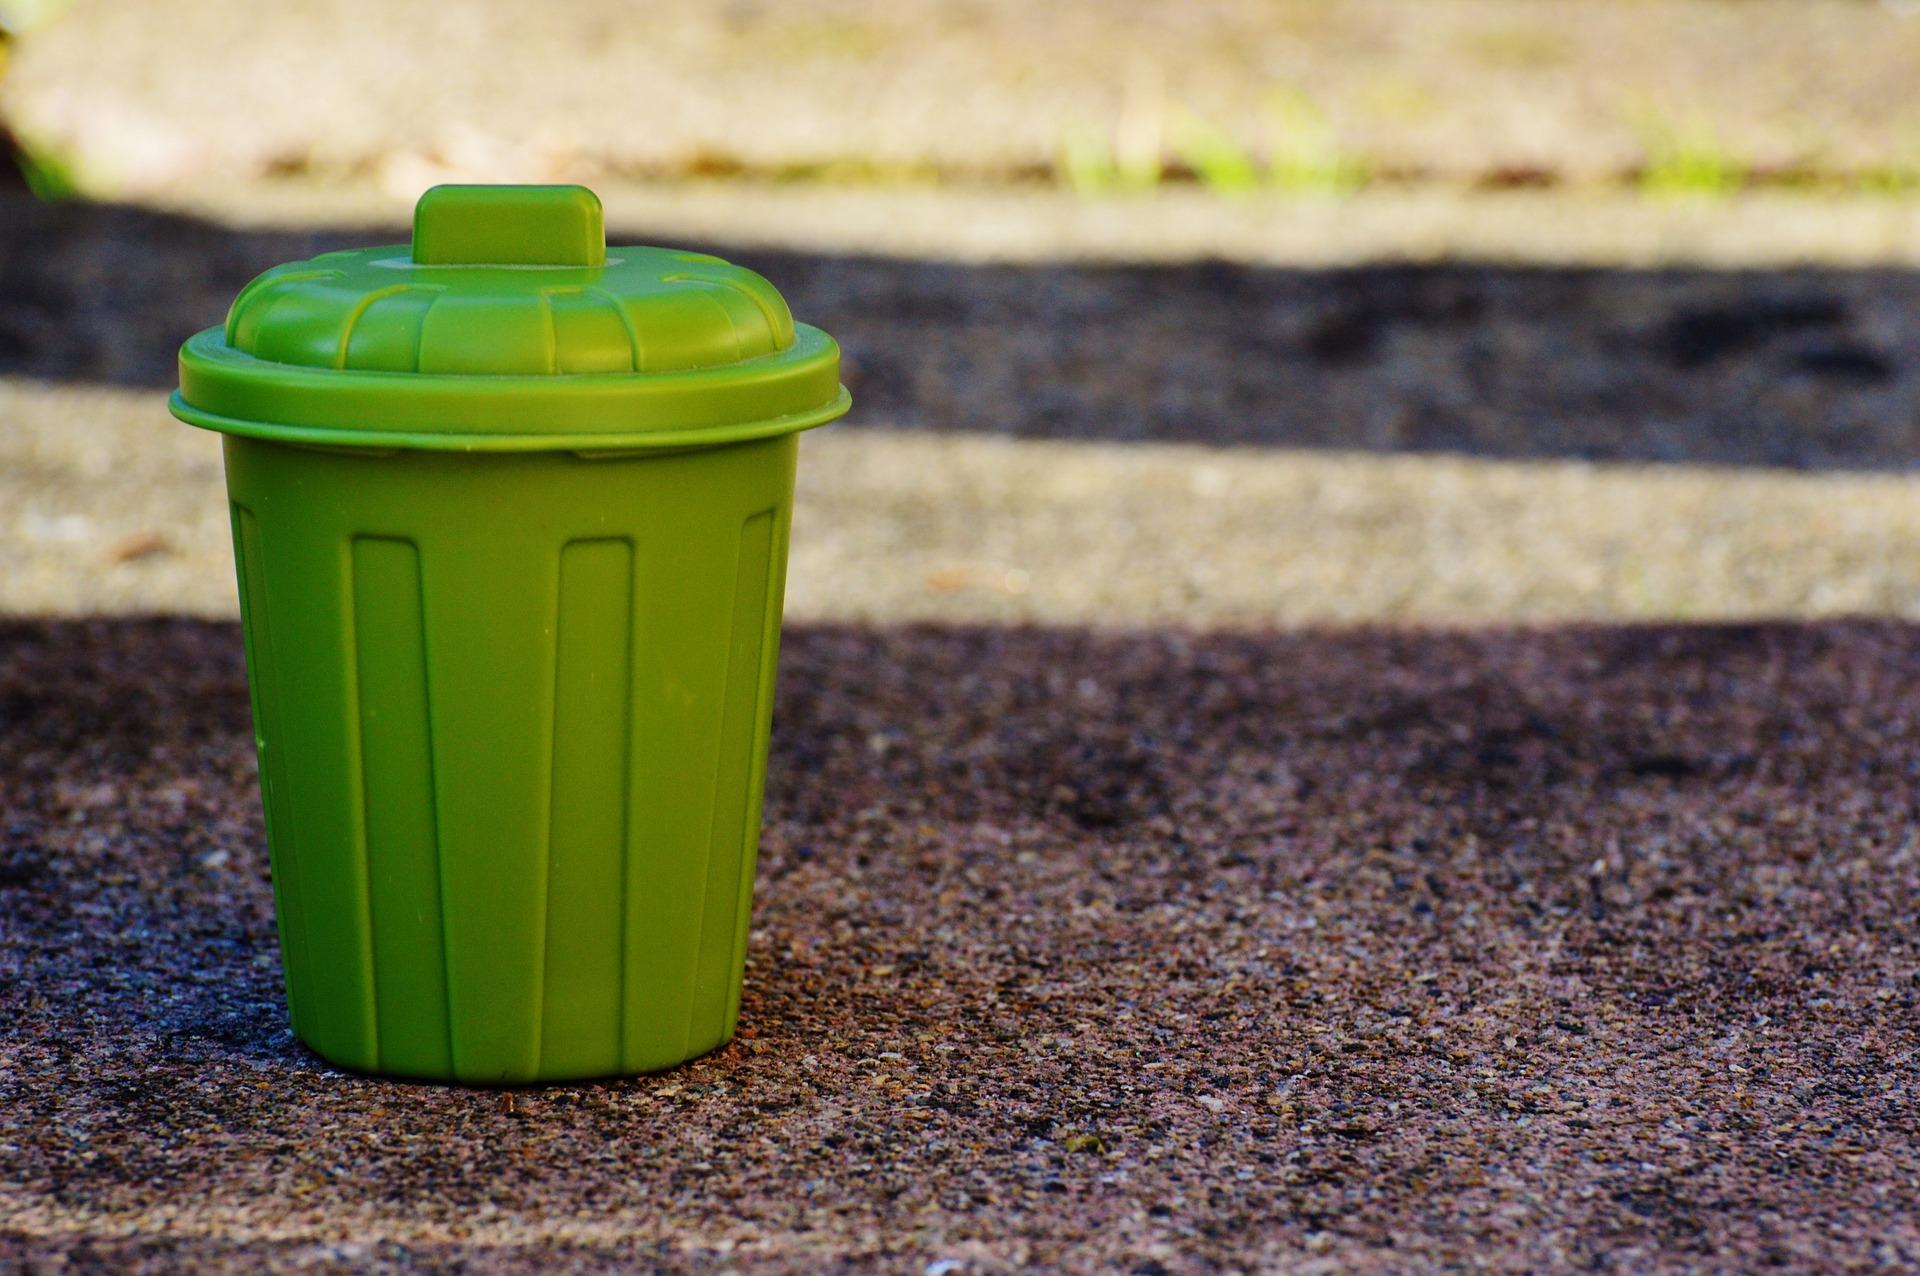 Ein kleiner, grüner Mülleimer steht auf der Straße.